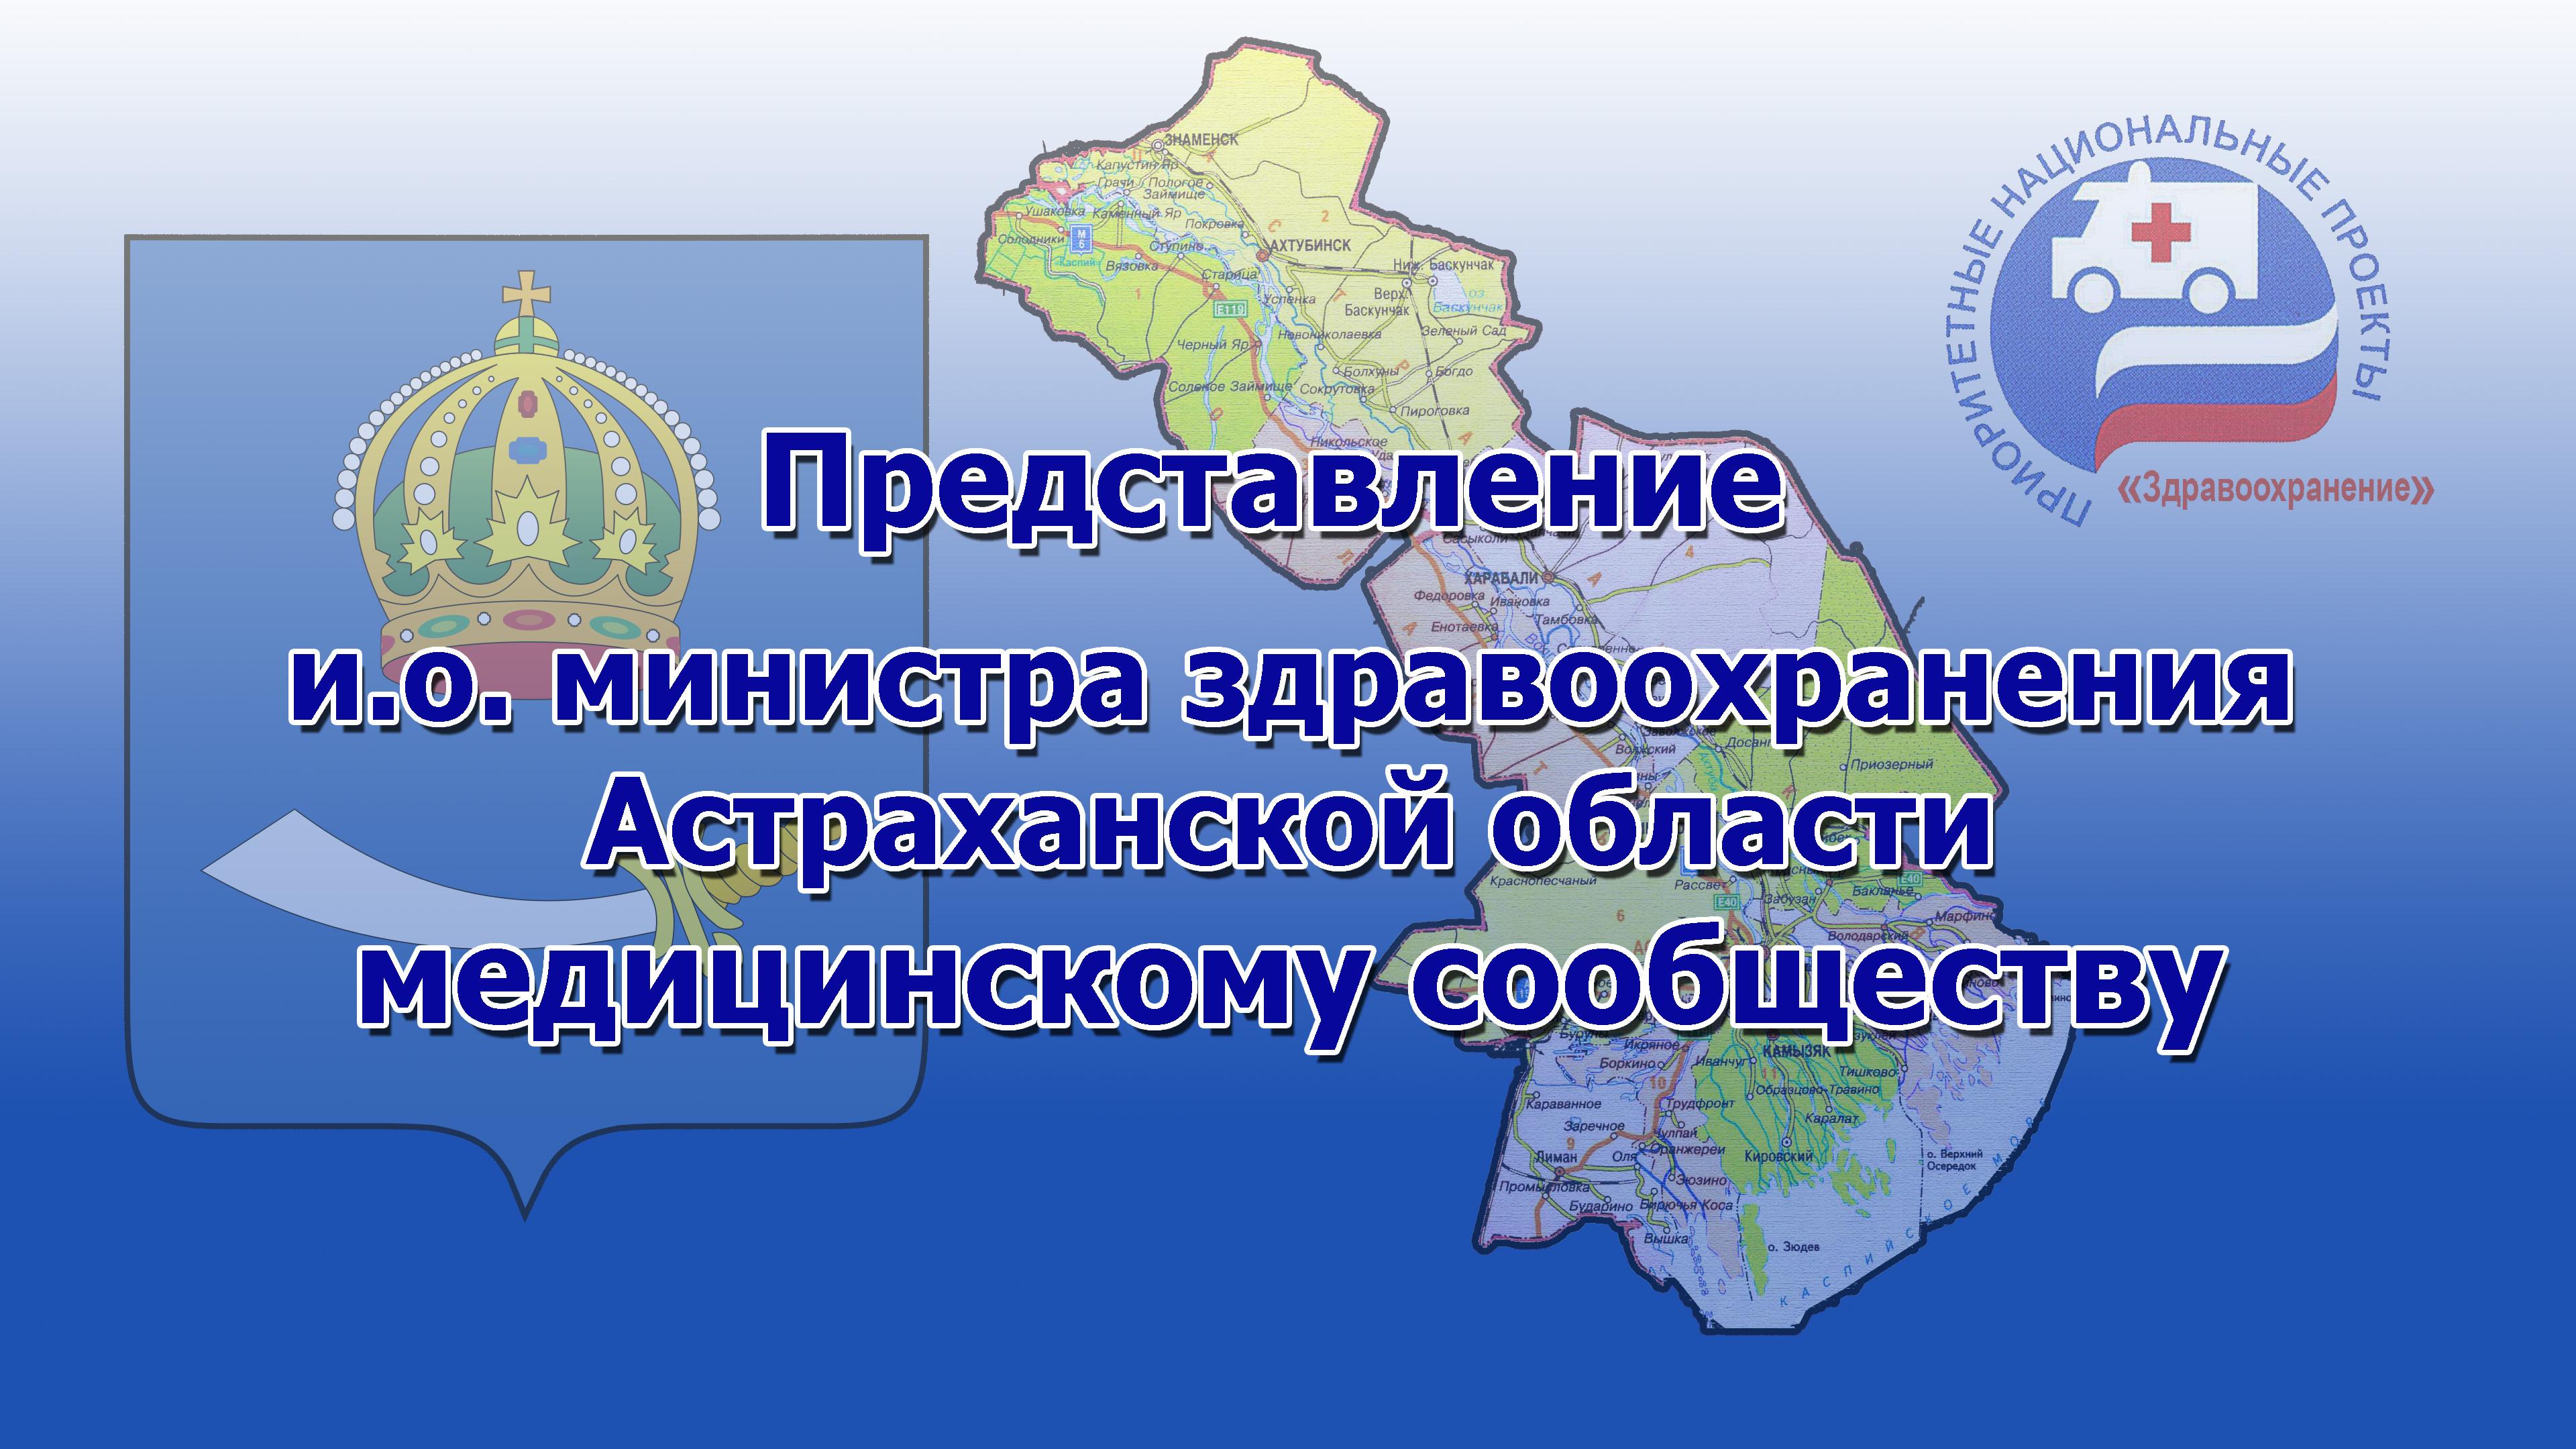 Видео-сюжет о представлении  и.о. министра здравоохранения АО Ф.В.Орлова медицинскому сообществу в Астраханском ГМУ